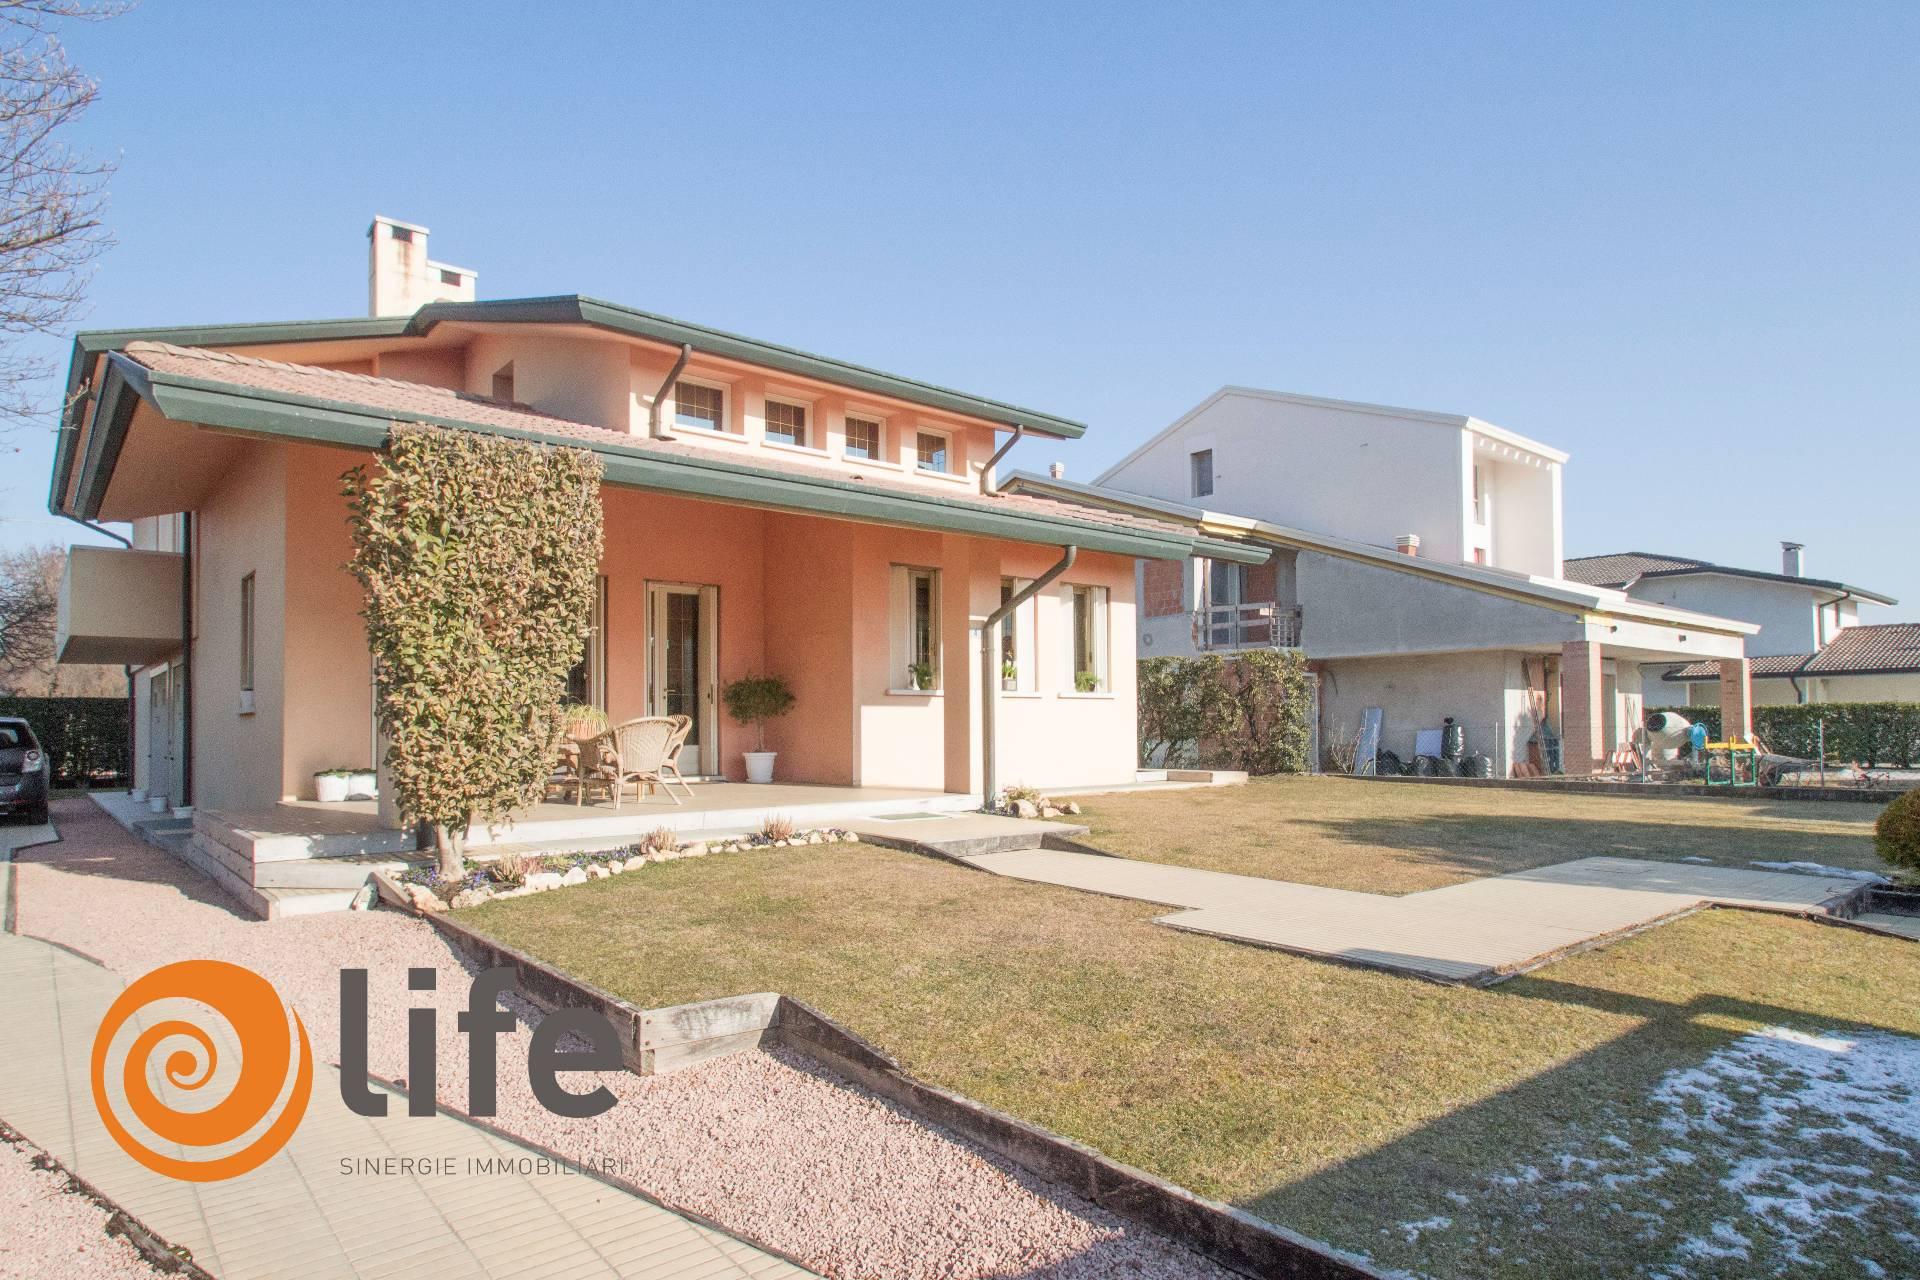 Villa in vendita a San Martino di Lupari, 14 locali, prezzo € 410.000 | CambioCasa.it